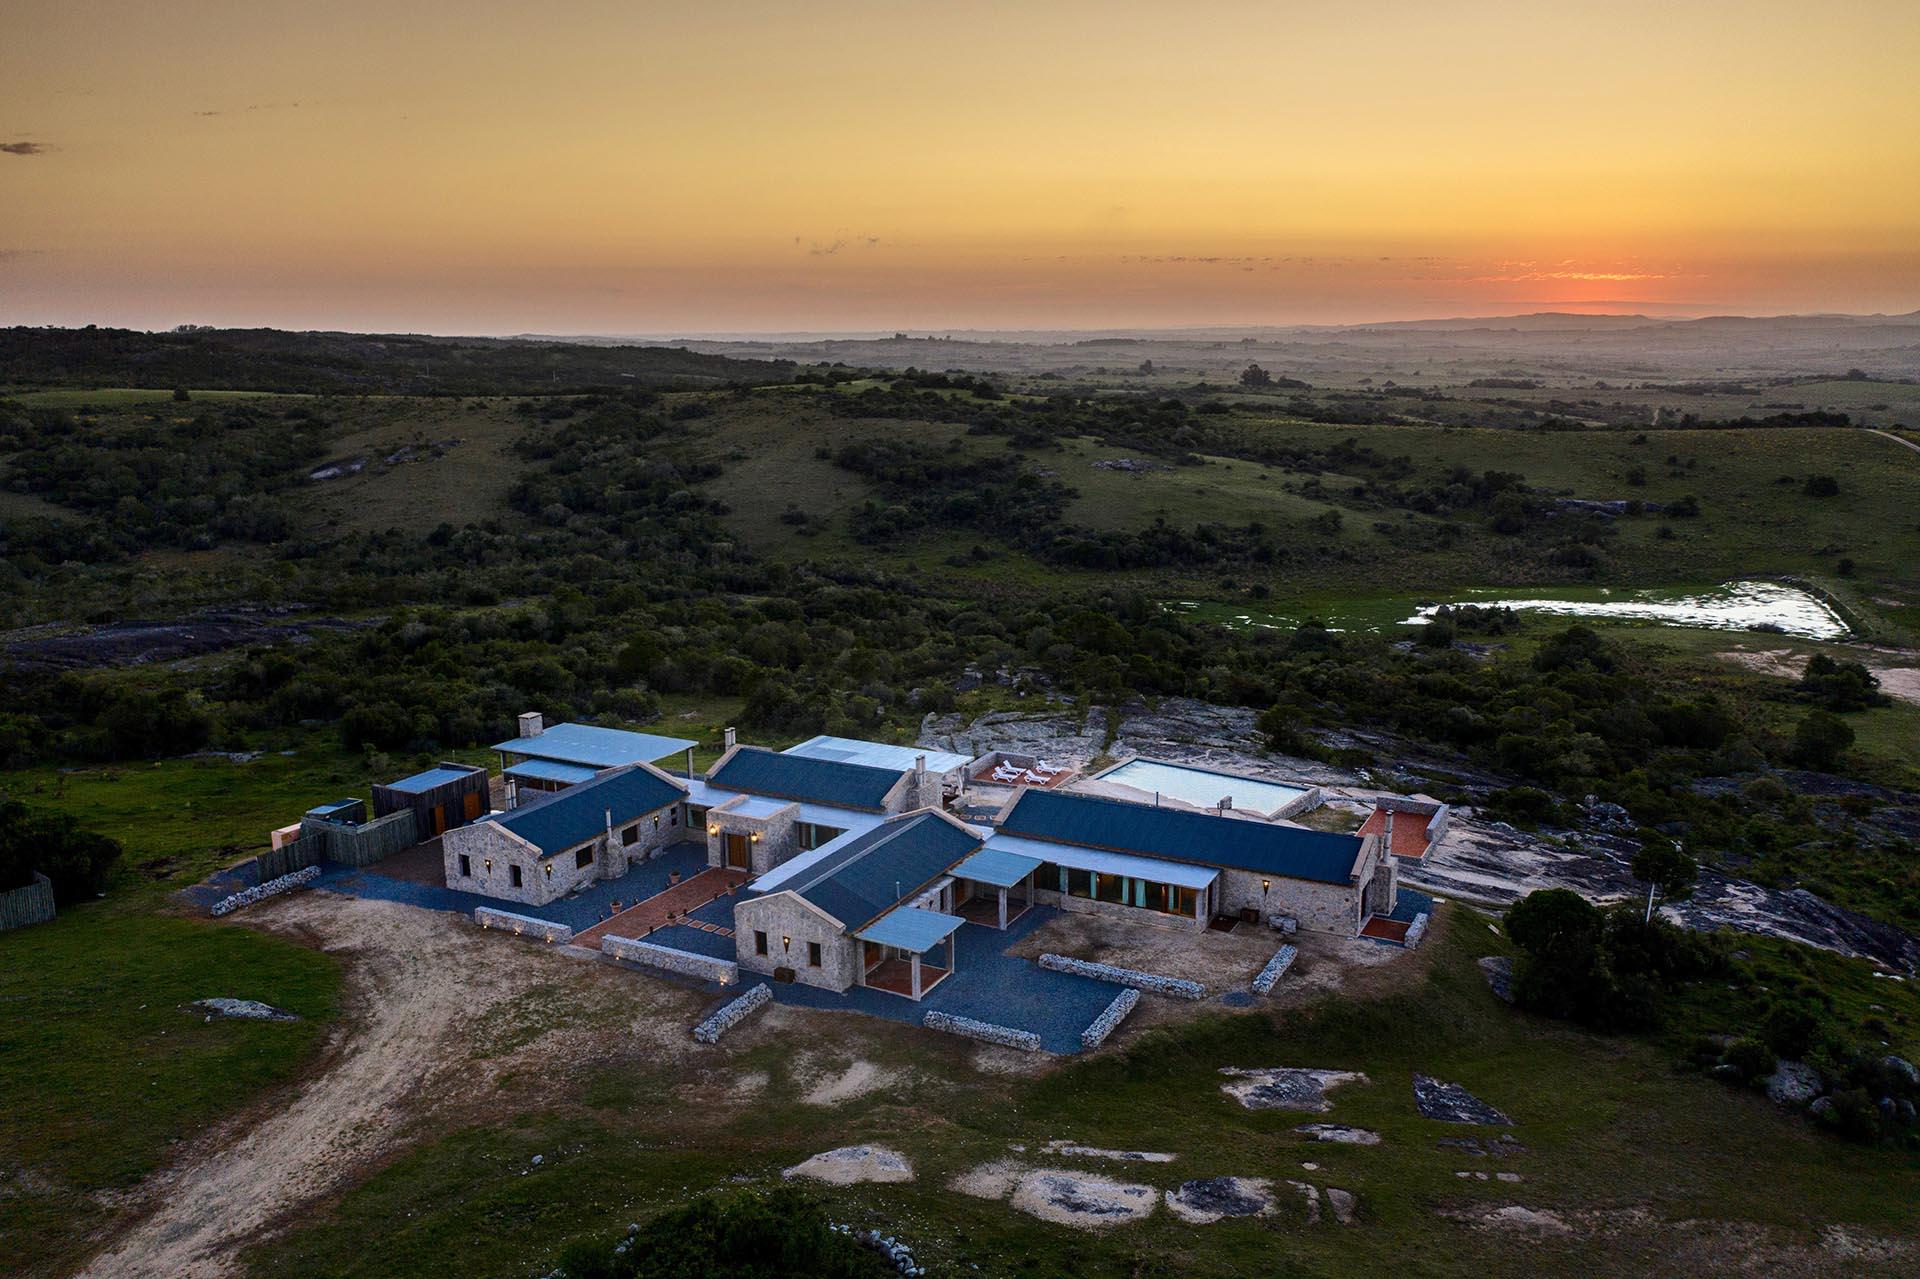 La Tertulia se encuentra a sólo 1 hora de Punta del Este y a 30 minutos de las playas de José Ignacio